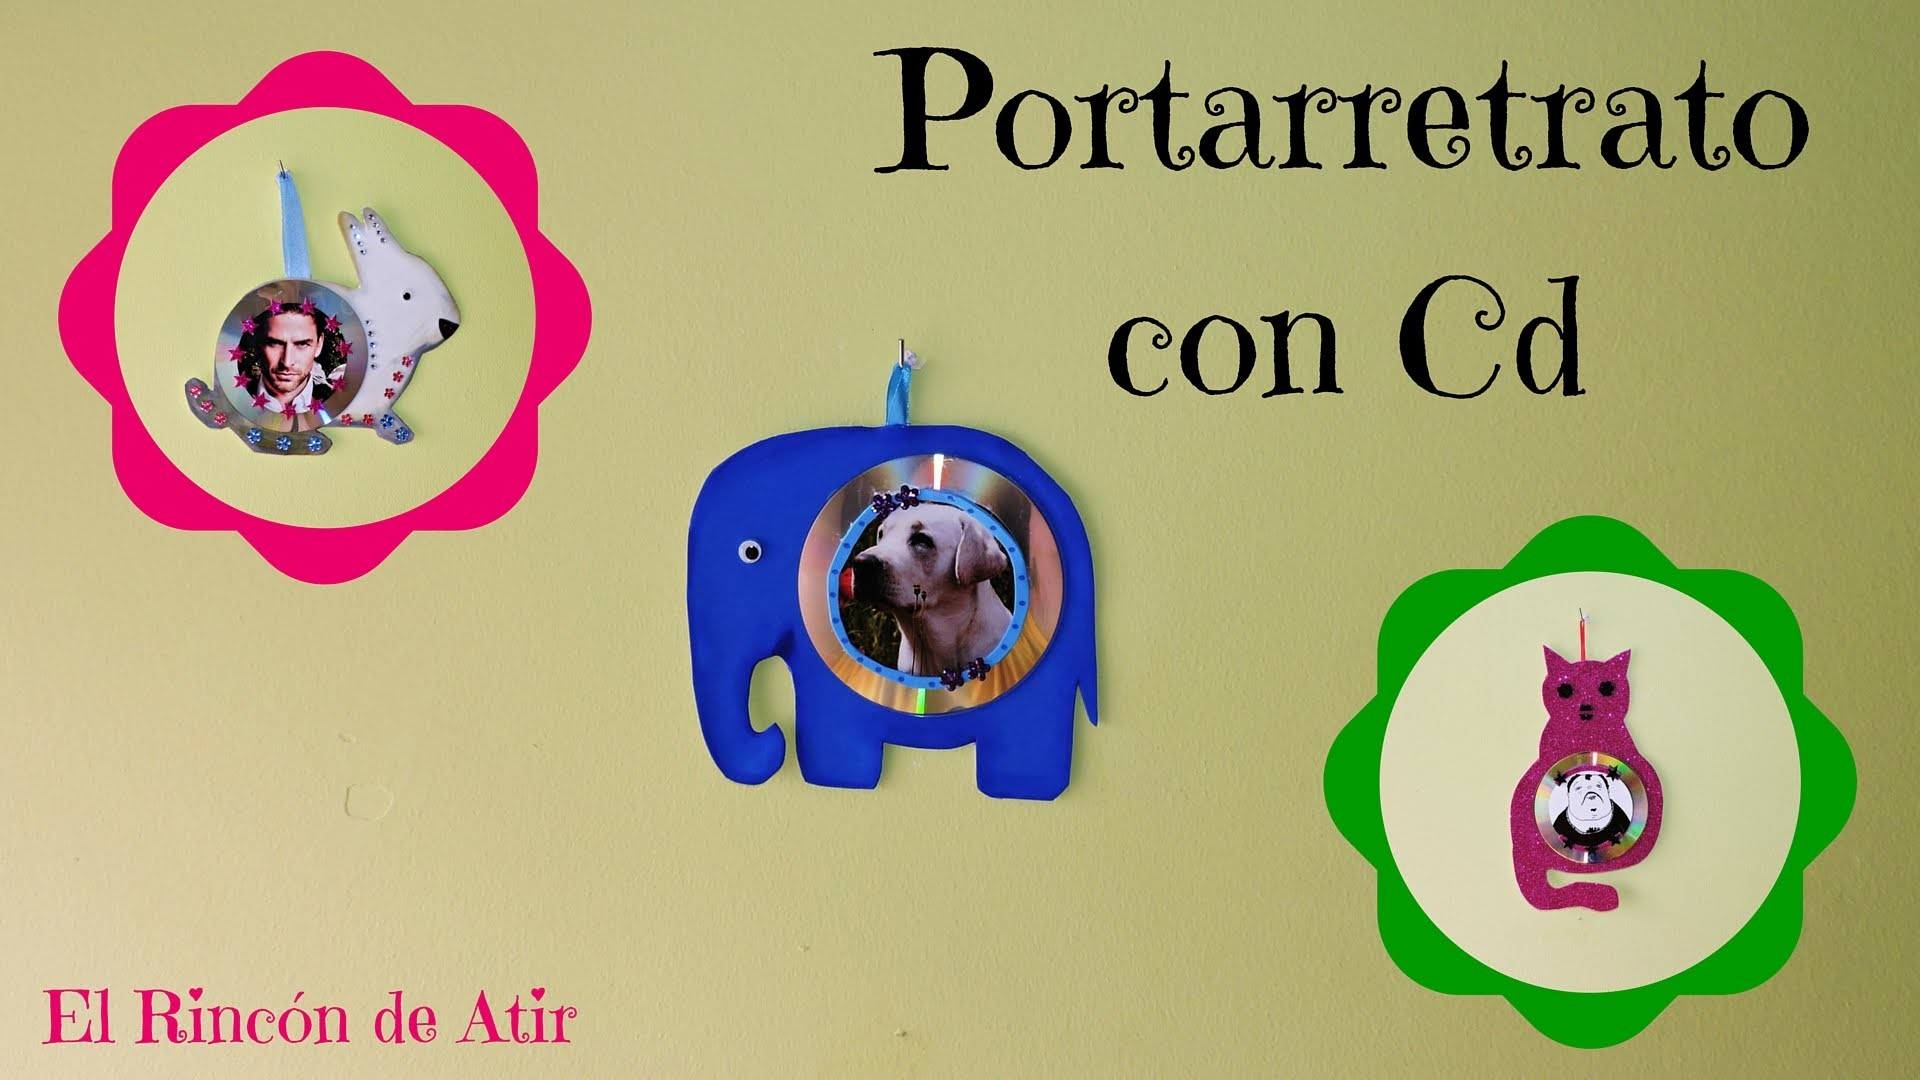 MARCO DE FOTOS O PORTARRETRATO CON CD. Gato, elefante, caracol, conejo